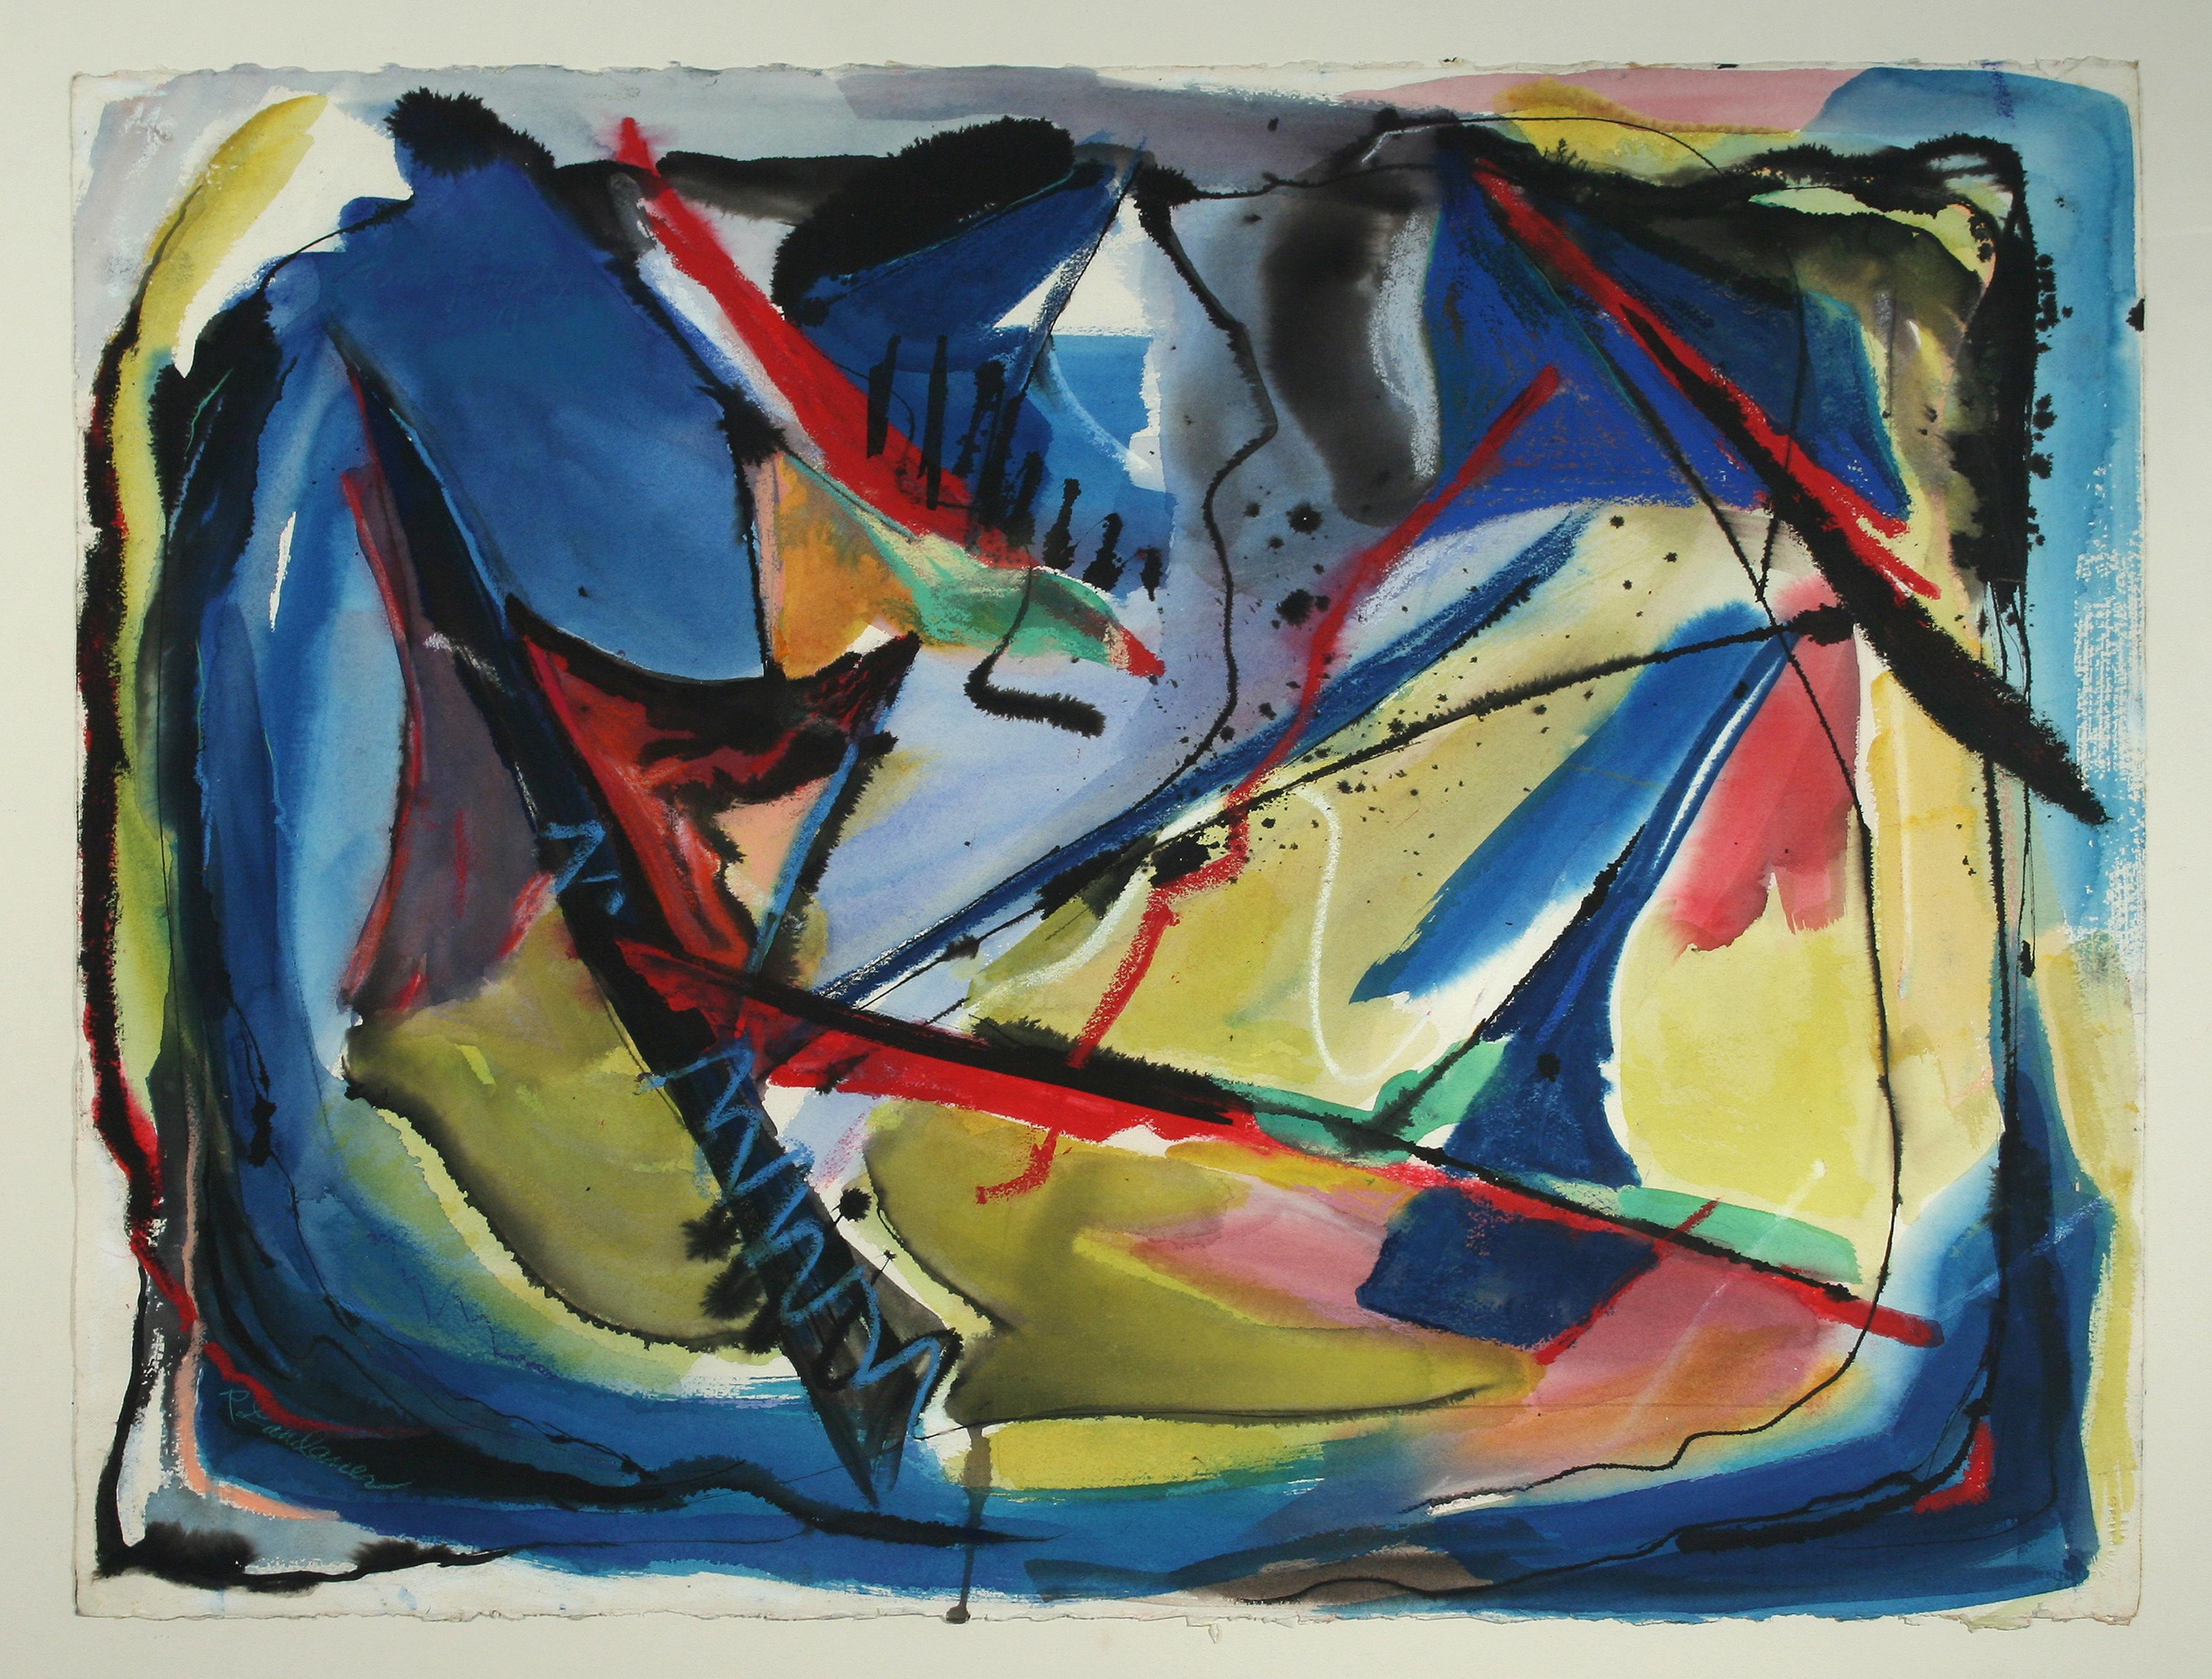 la-cirque-_22x30